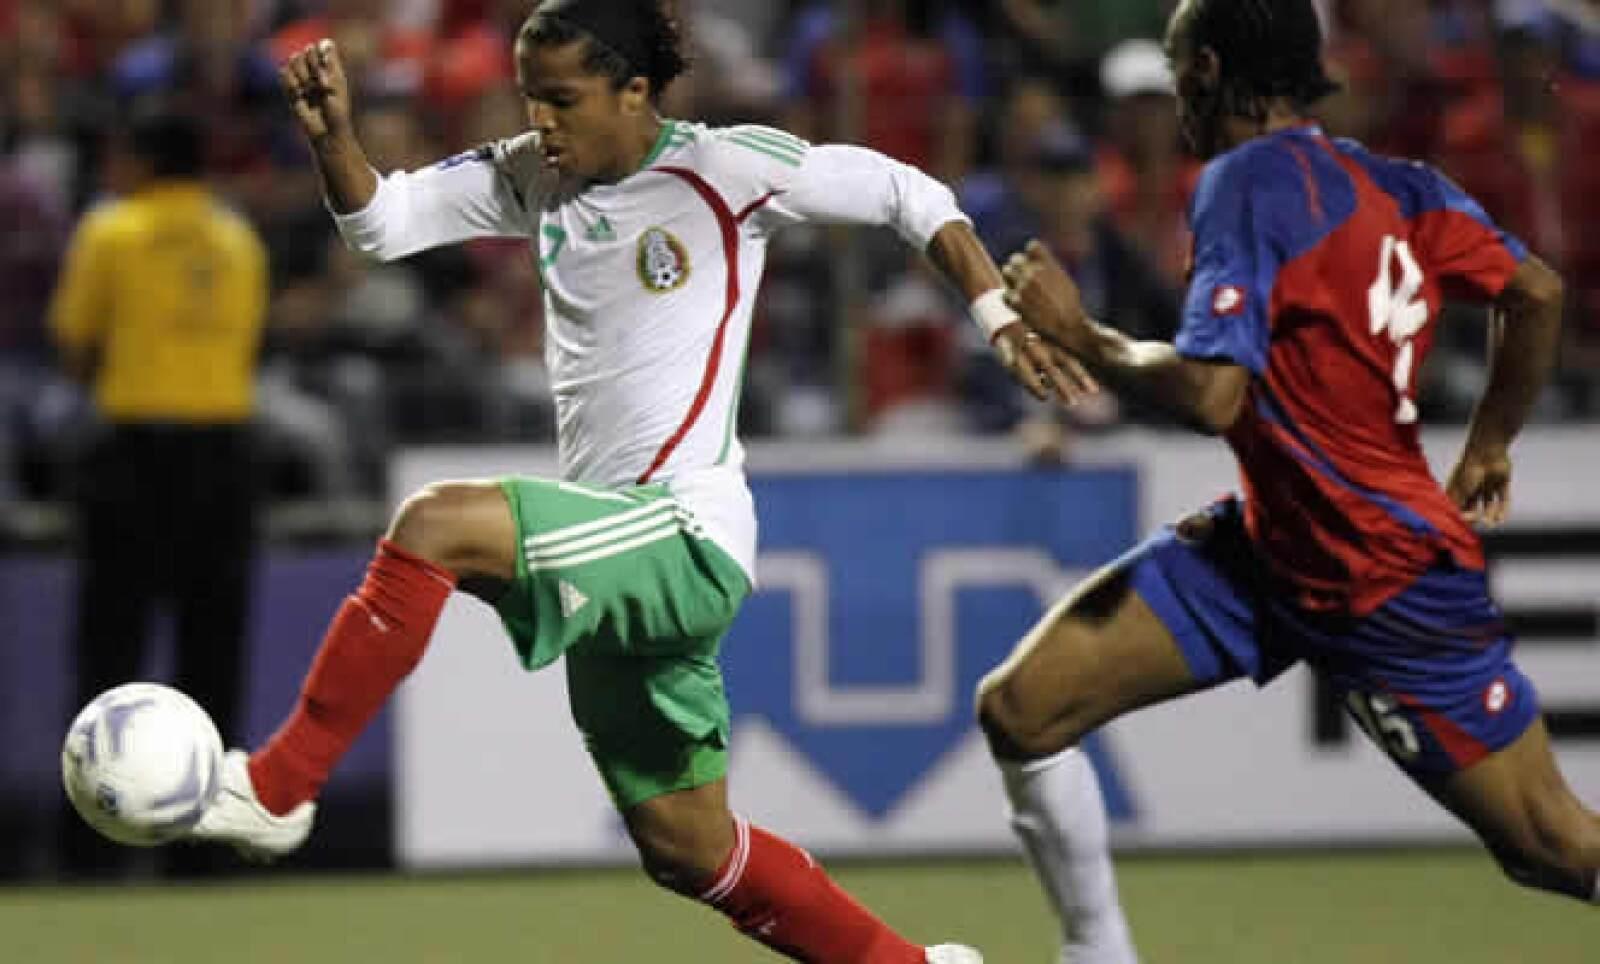 El delantero mexicano entrena con el equipo dueño de su carta, el Tottenham de Inglaterra.